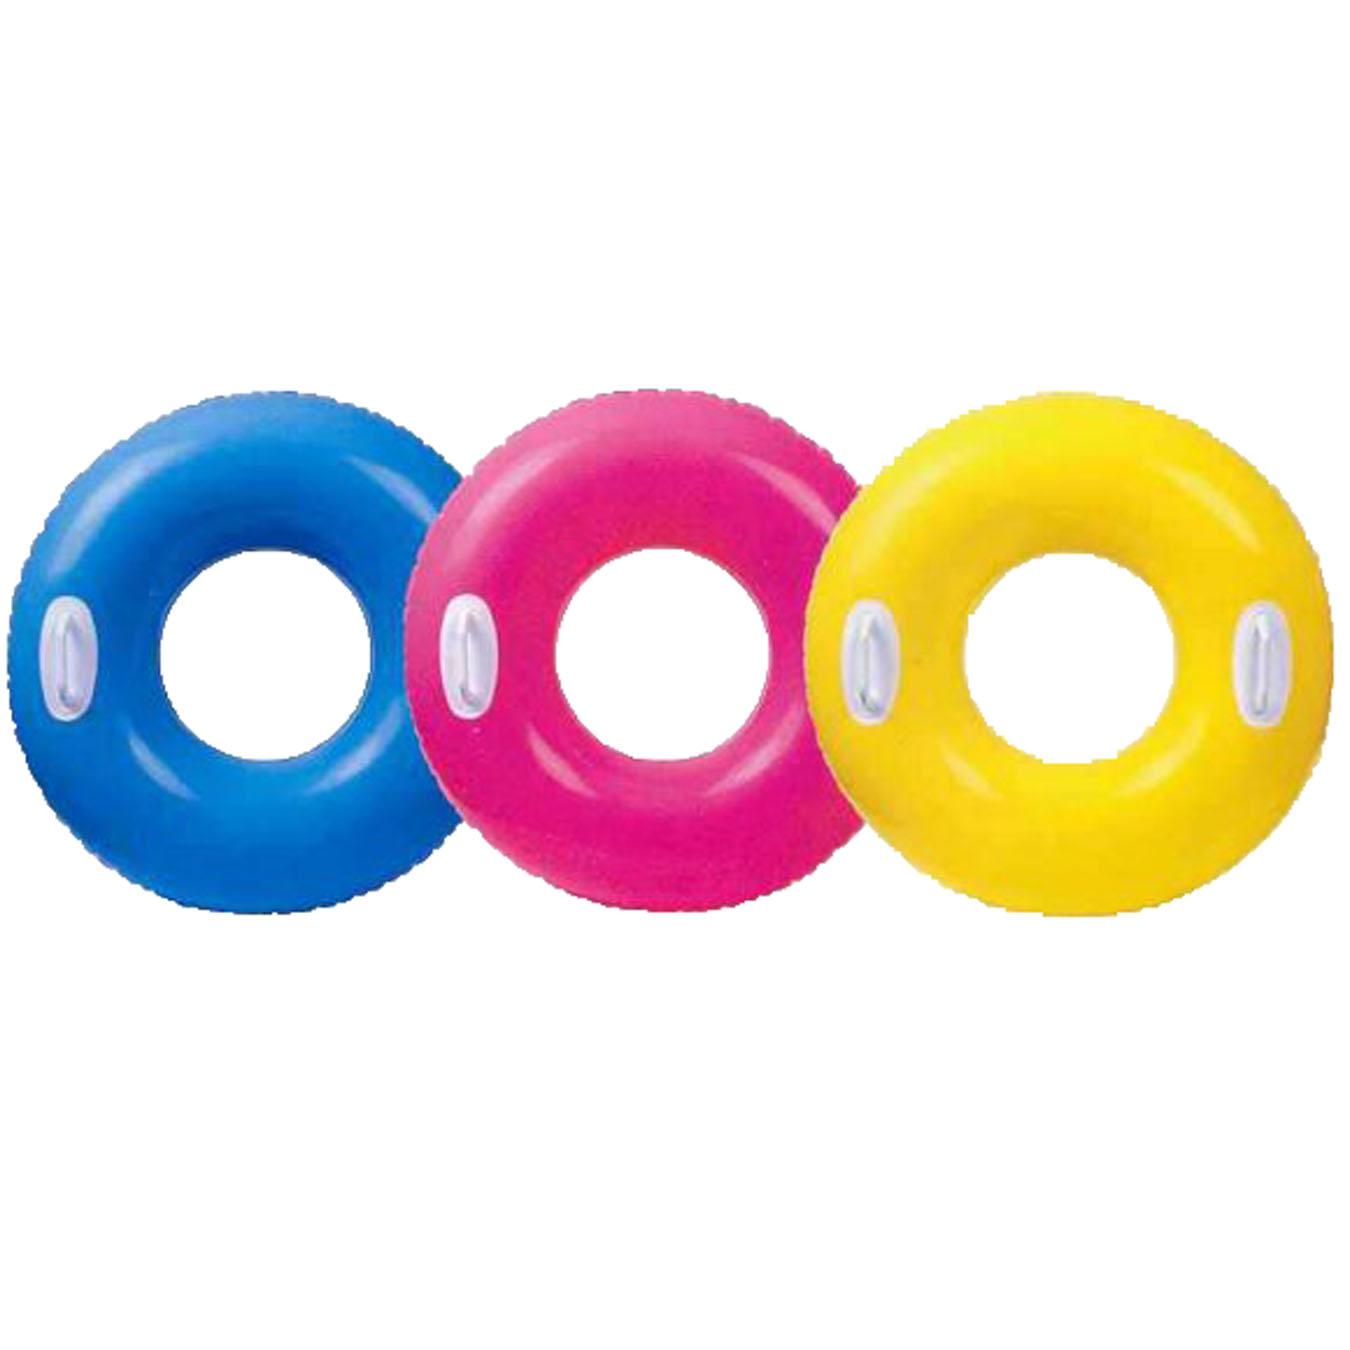 Круг надувной Hi-Gloss TubesНадувные животные, круги и матрацы<br>Круг надувной Hi-Gloss Tubes<br>